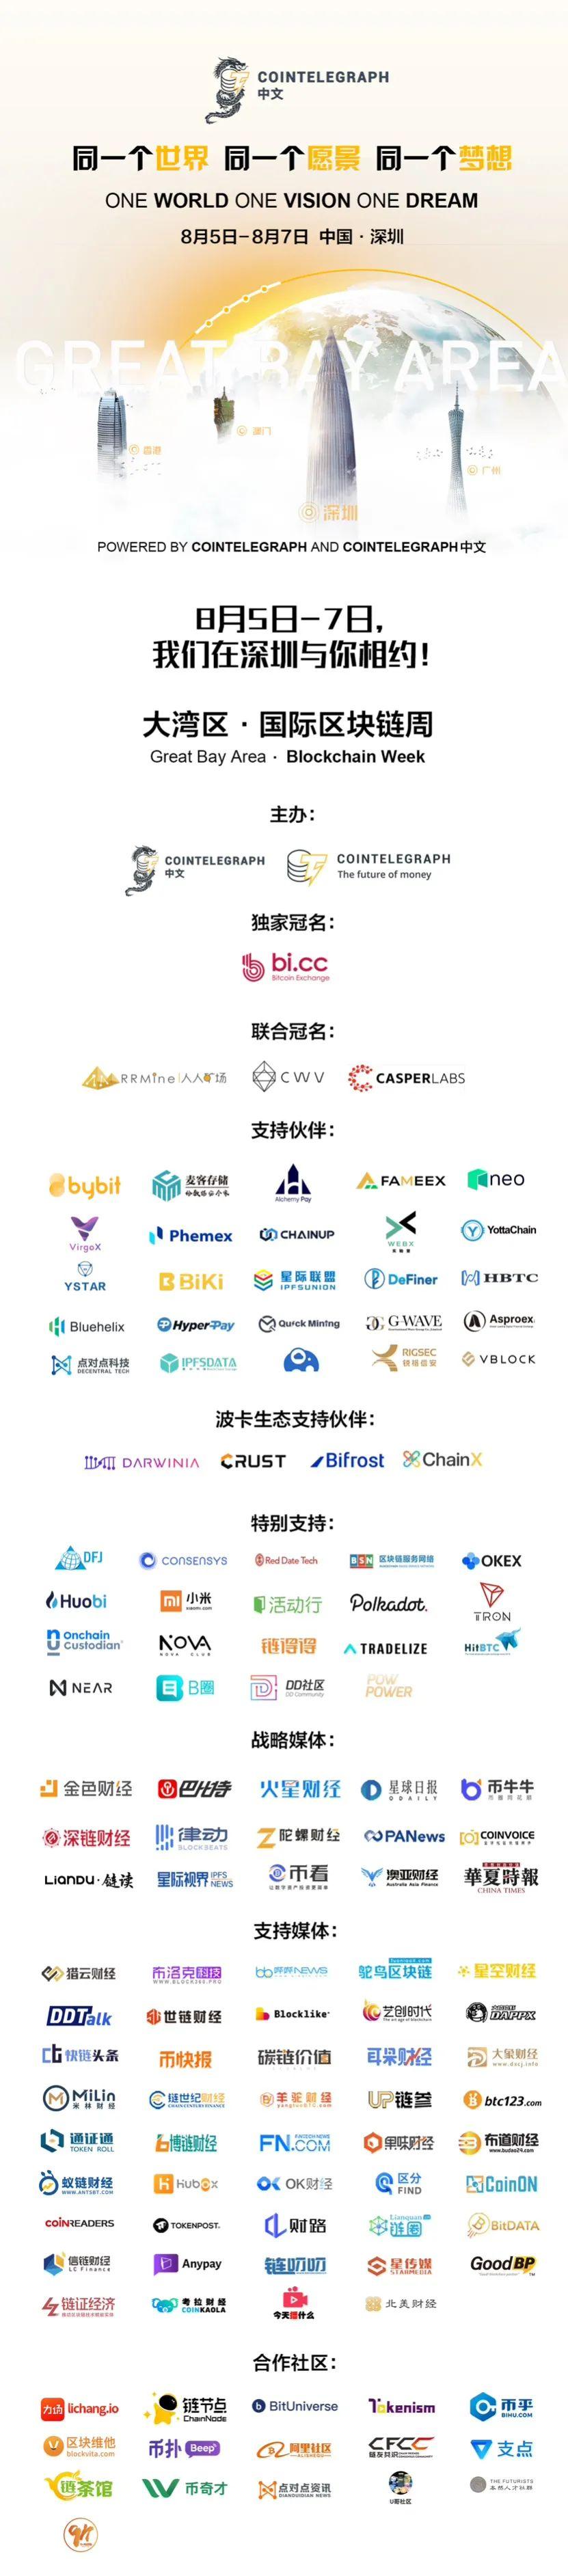 干货、黑科技、跨洋连线,2020Cointelegraph中文大湾区·国际区块链周圆满闭幕